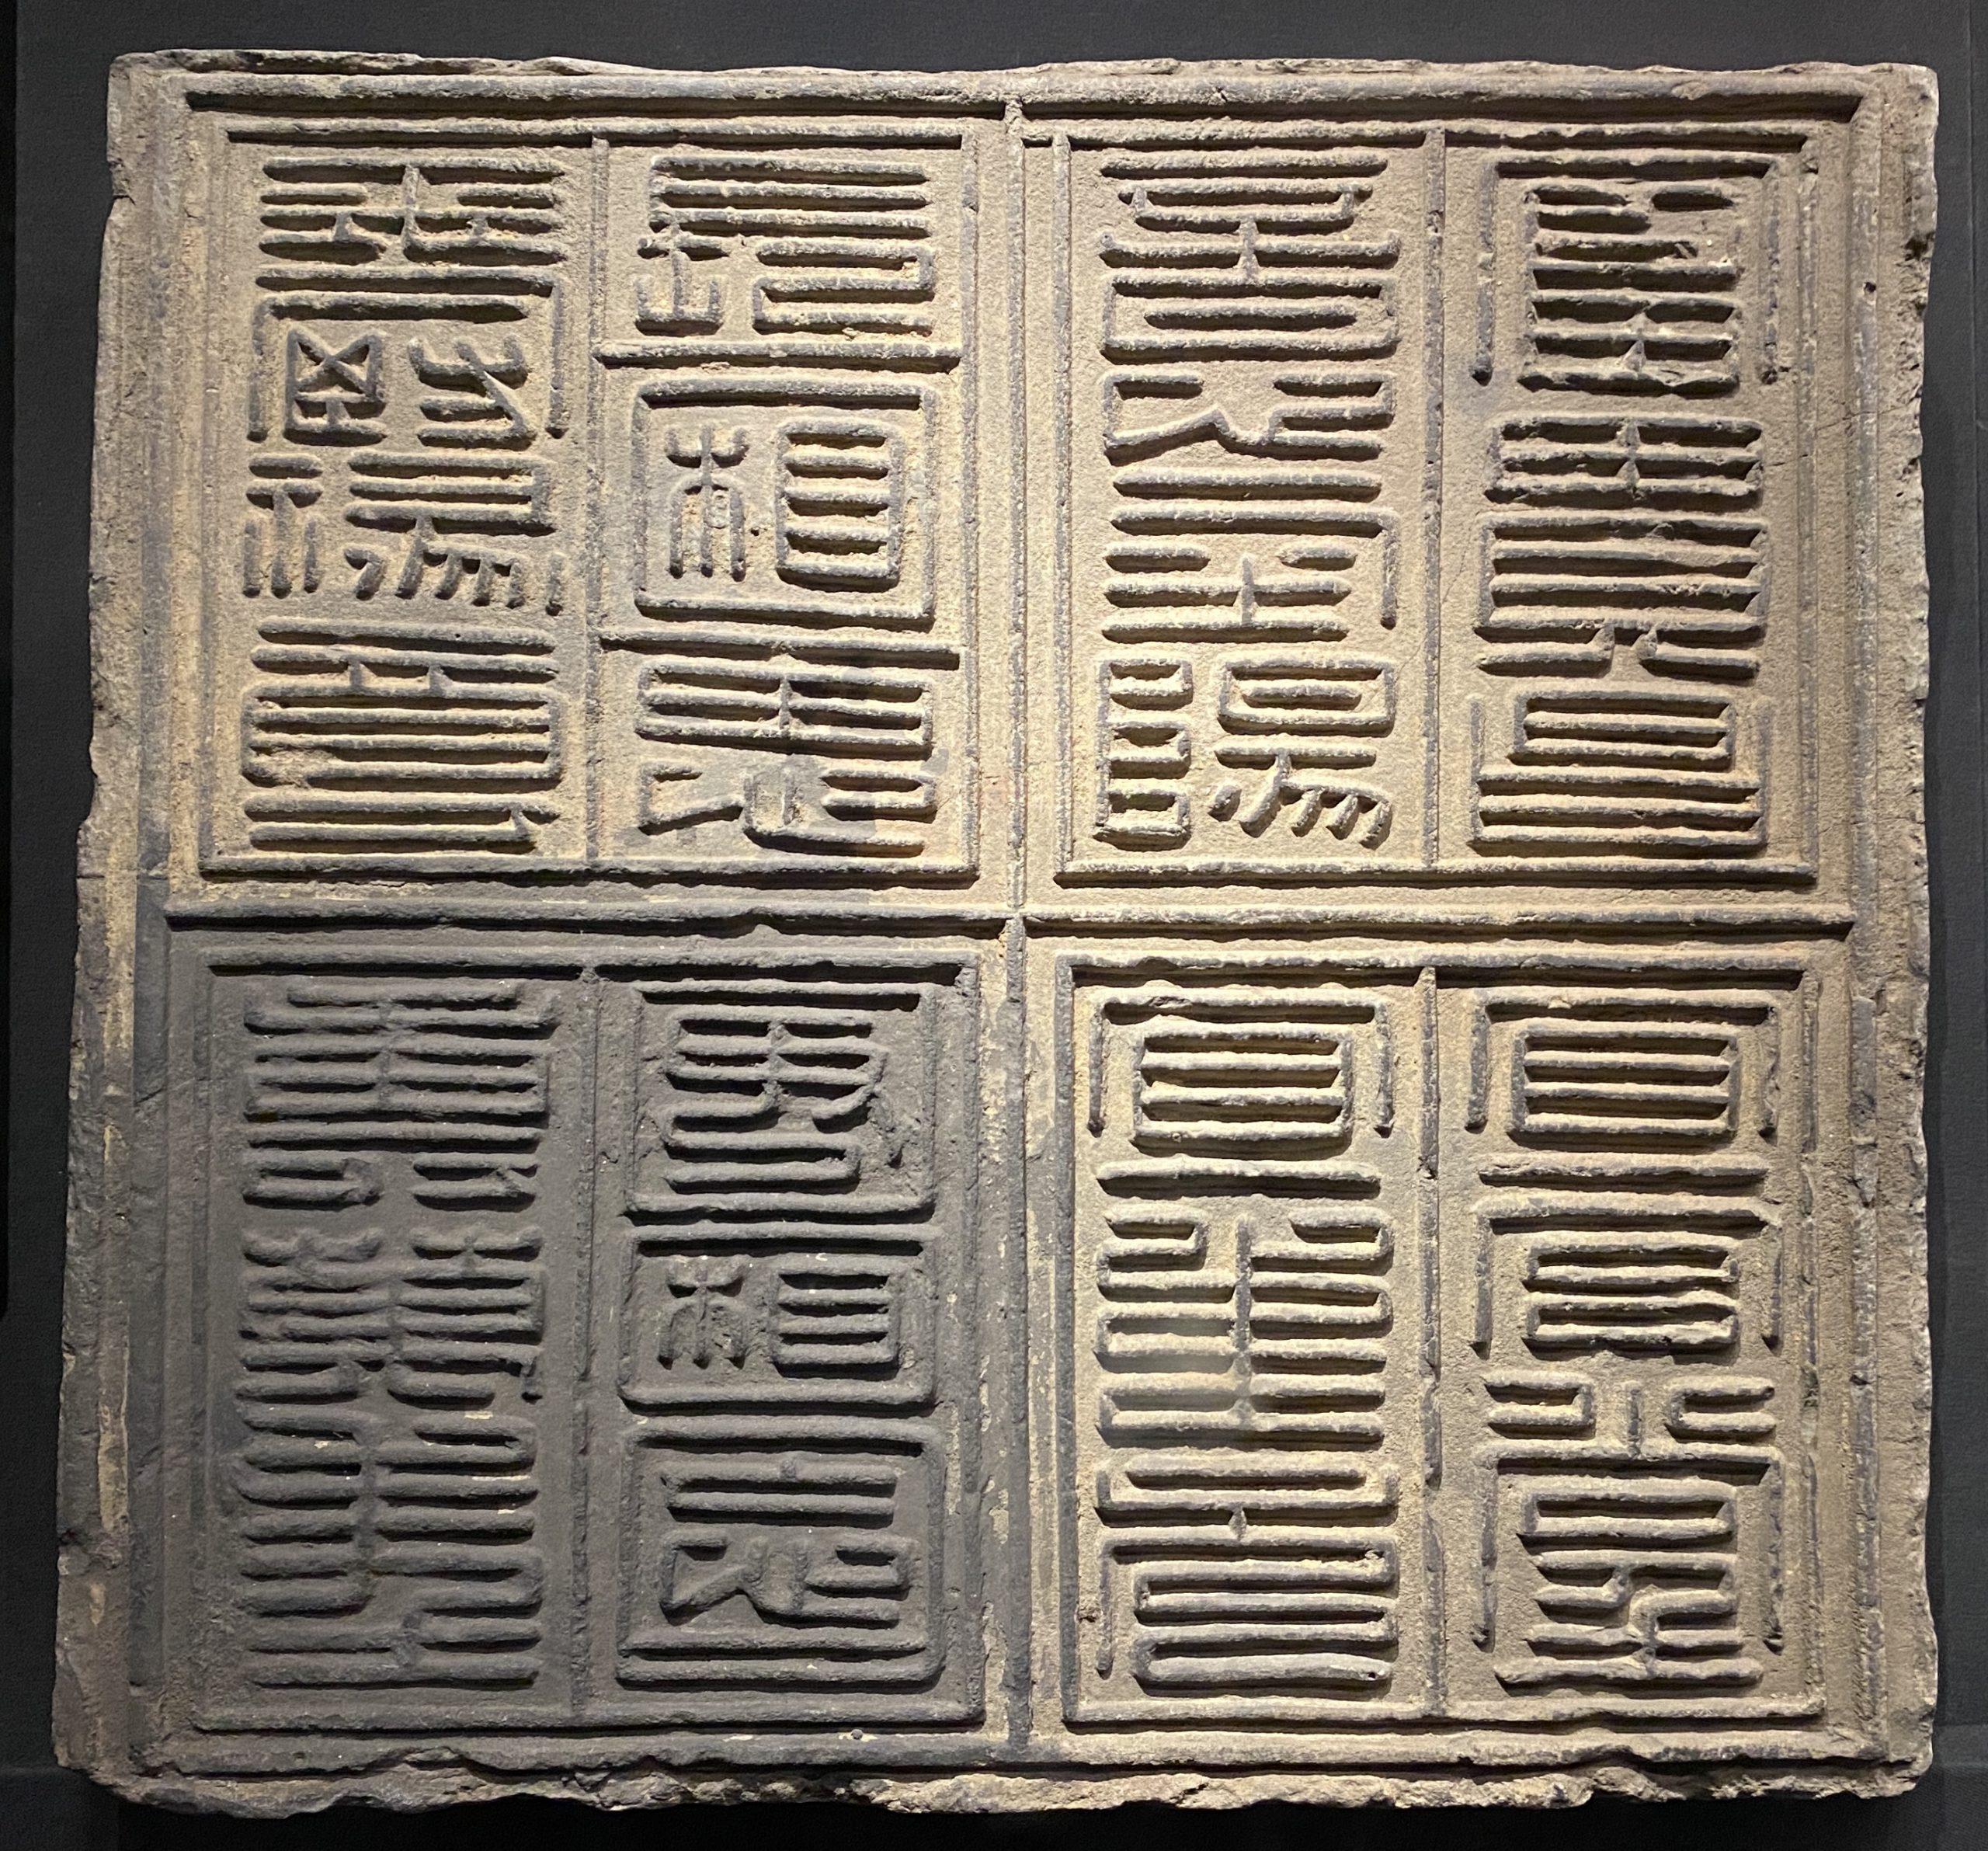 銘文レンガ-【列備五都-秦漢時代の中国都市】-成都博物館-四川成都